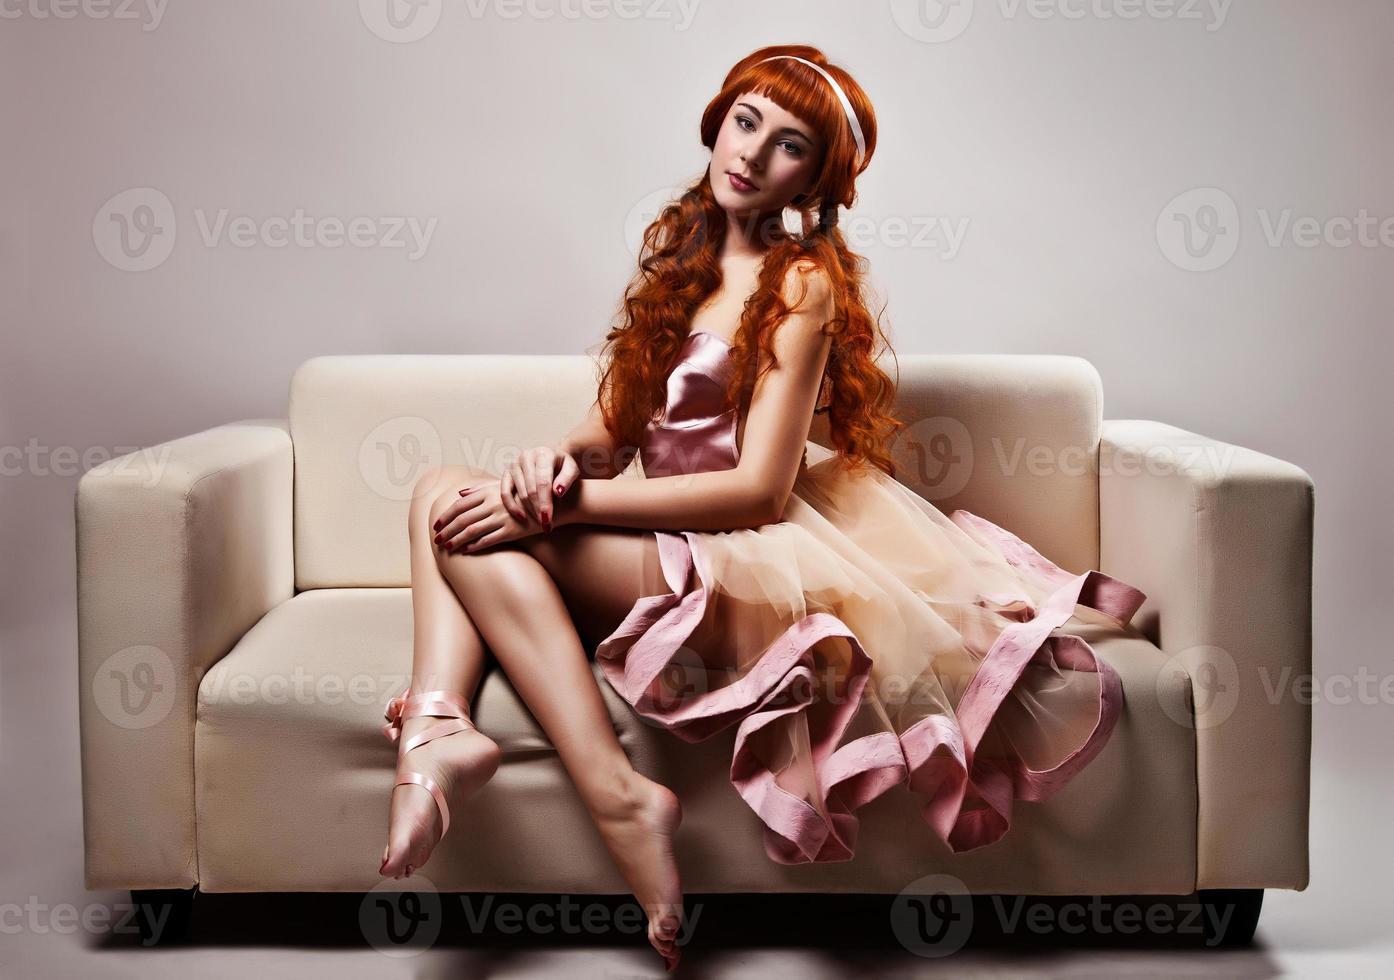 schöne Frau im luxuriösen Kleid sitzt auf dem Sofa. Studioaufnahme foto